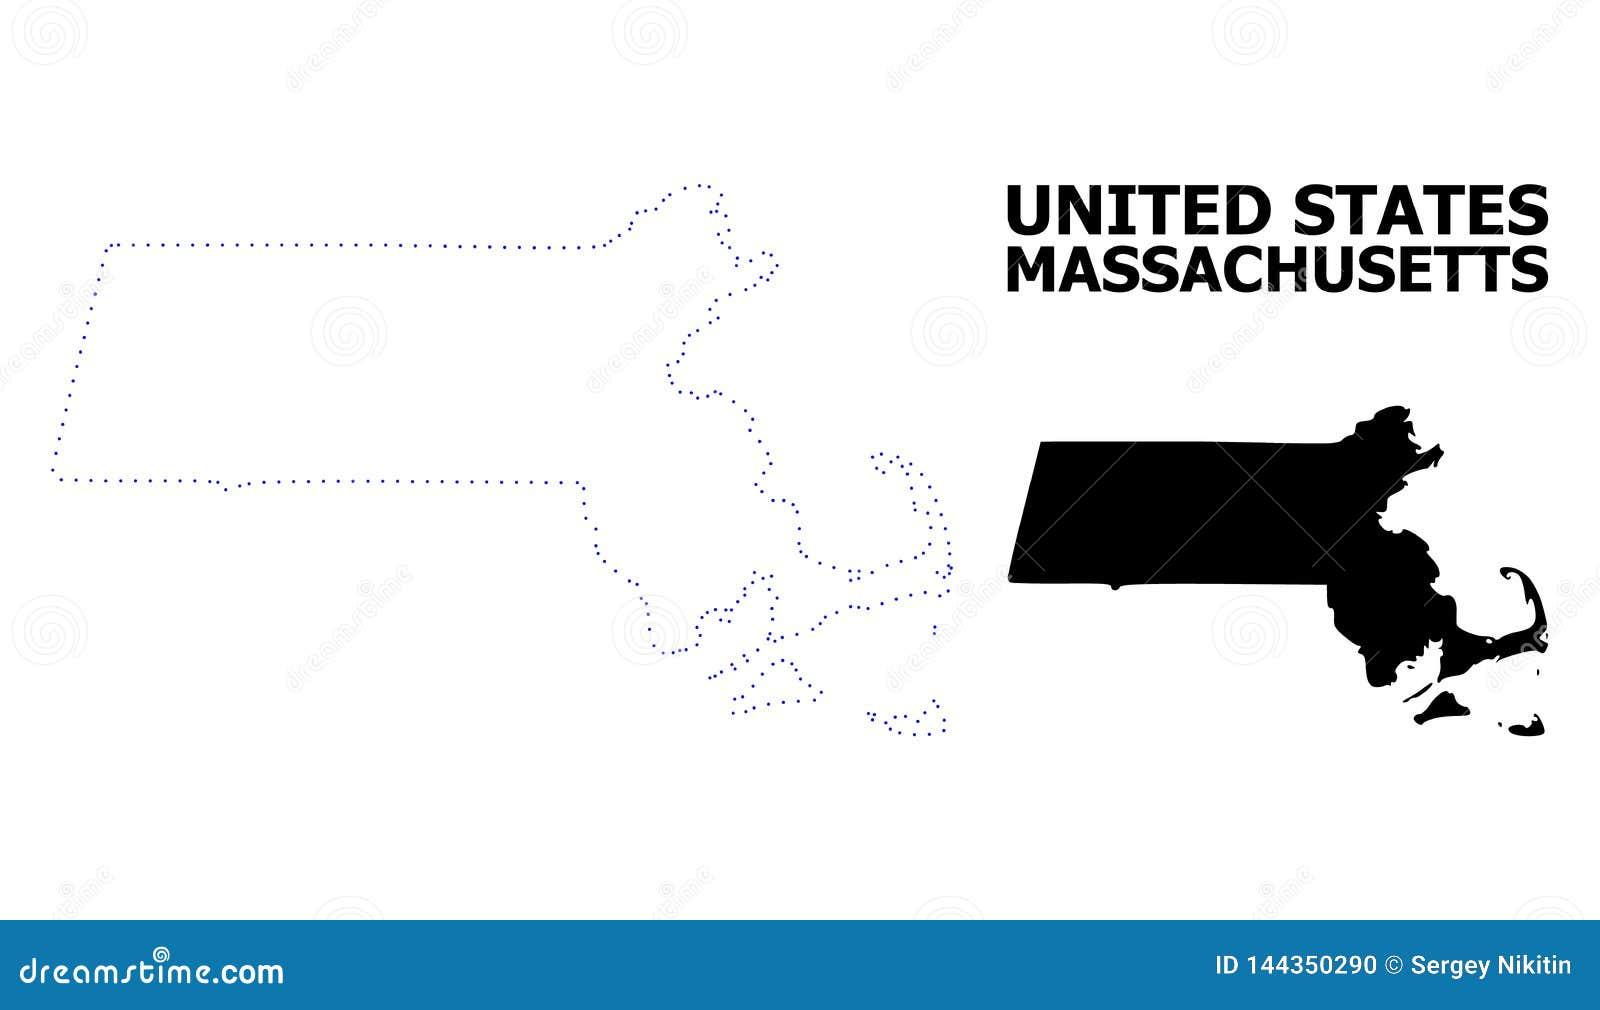 Διανυσματικός διαστιγμένος περίγραμμα χάρτης του κράτους της Μασαχουσέτης με το όνομα